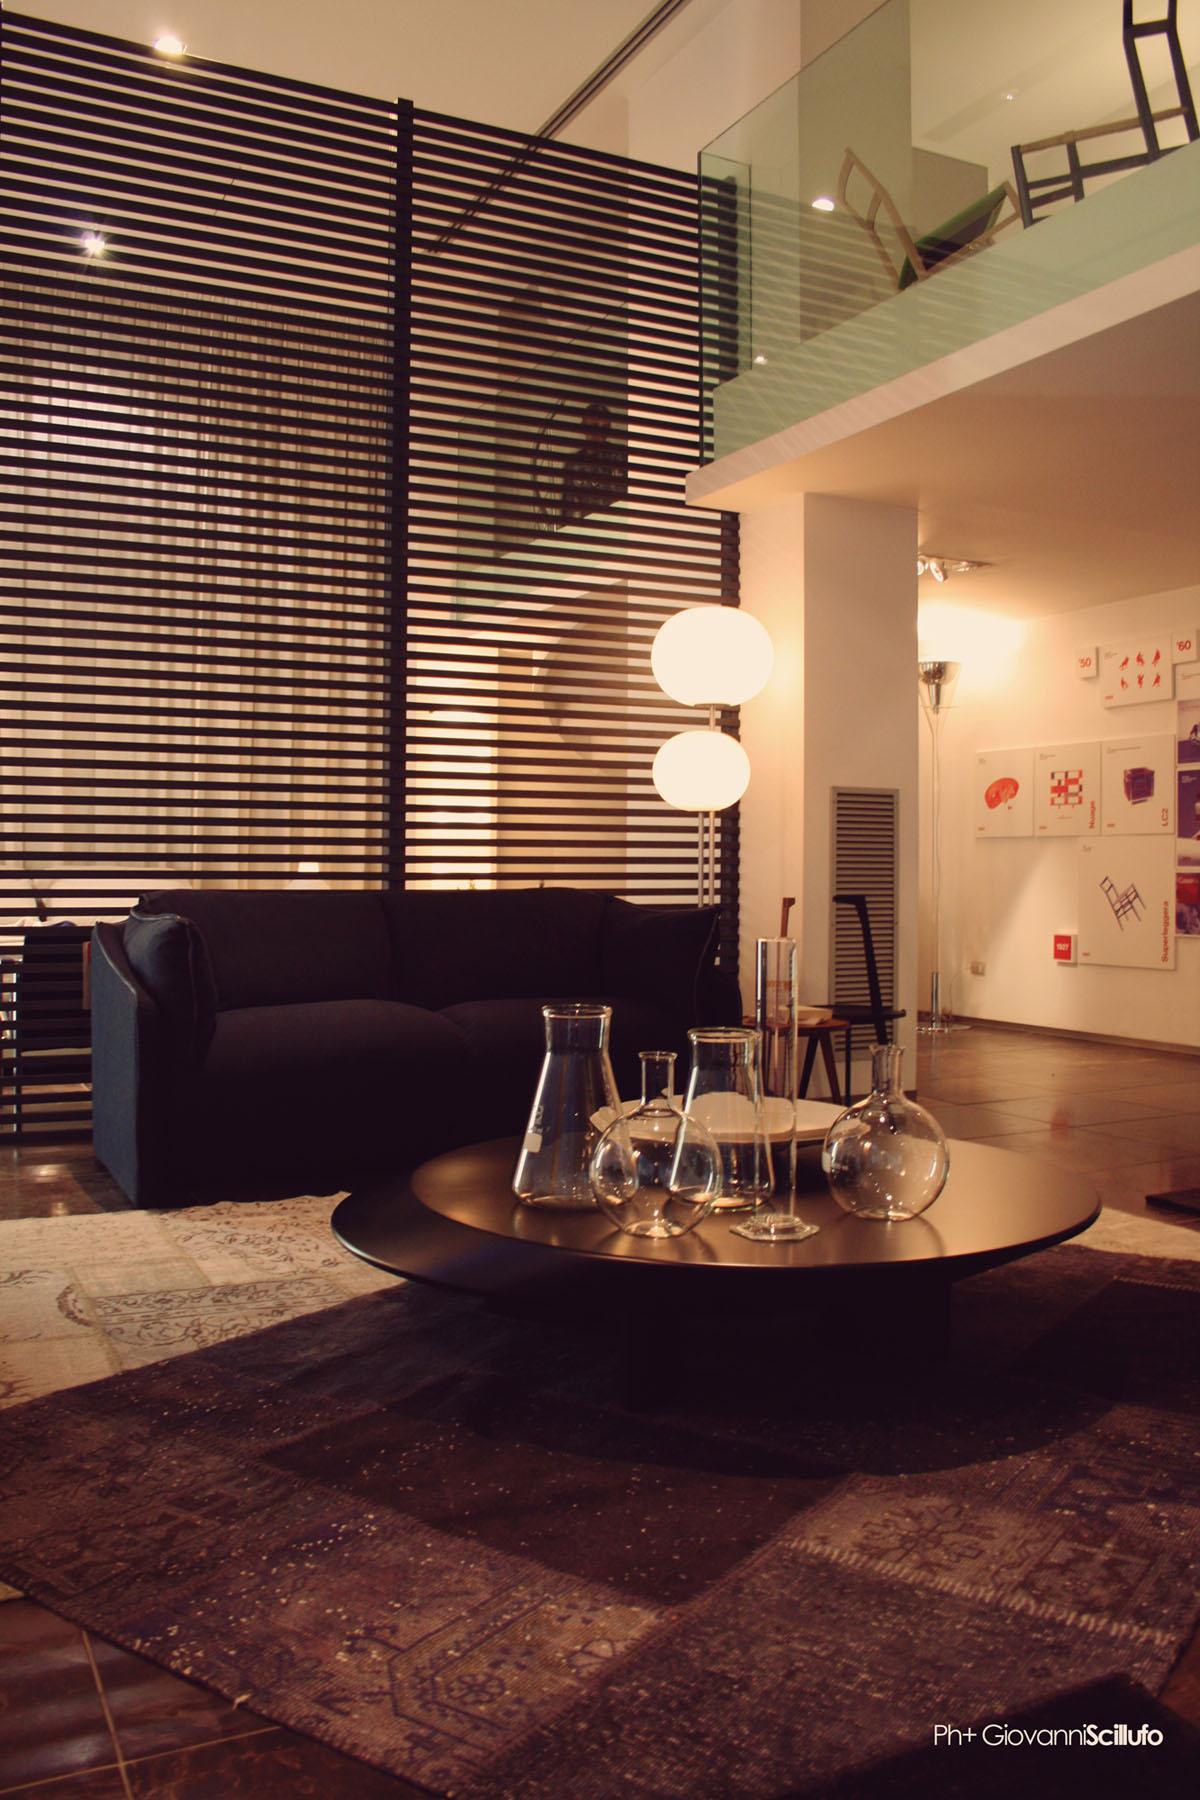 Palermo arredamento mobili cucine for Arredamento palermo